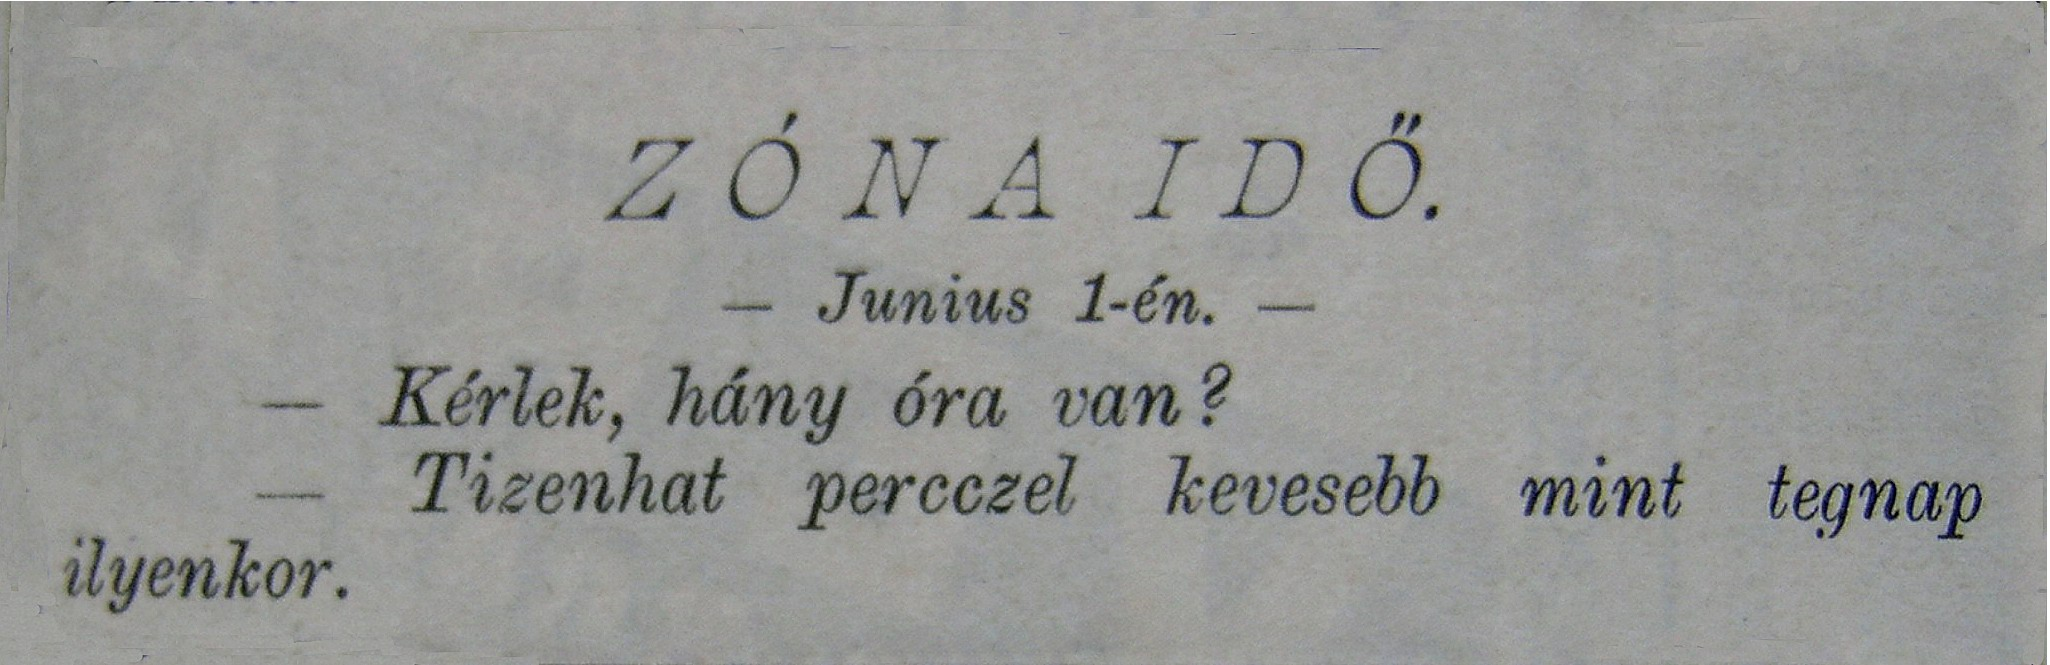 zonaido1892.jpg